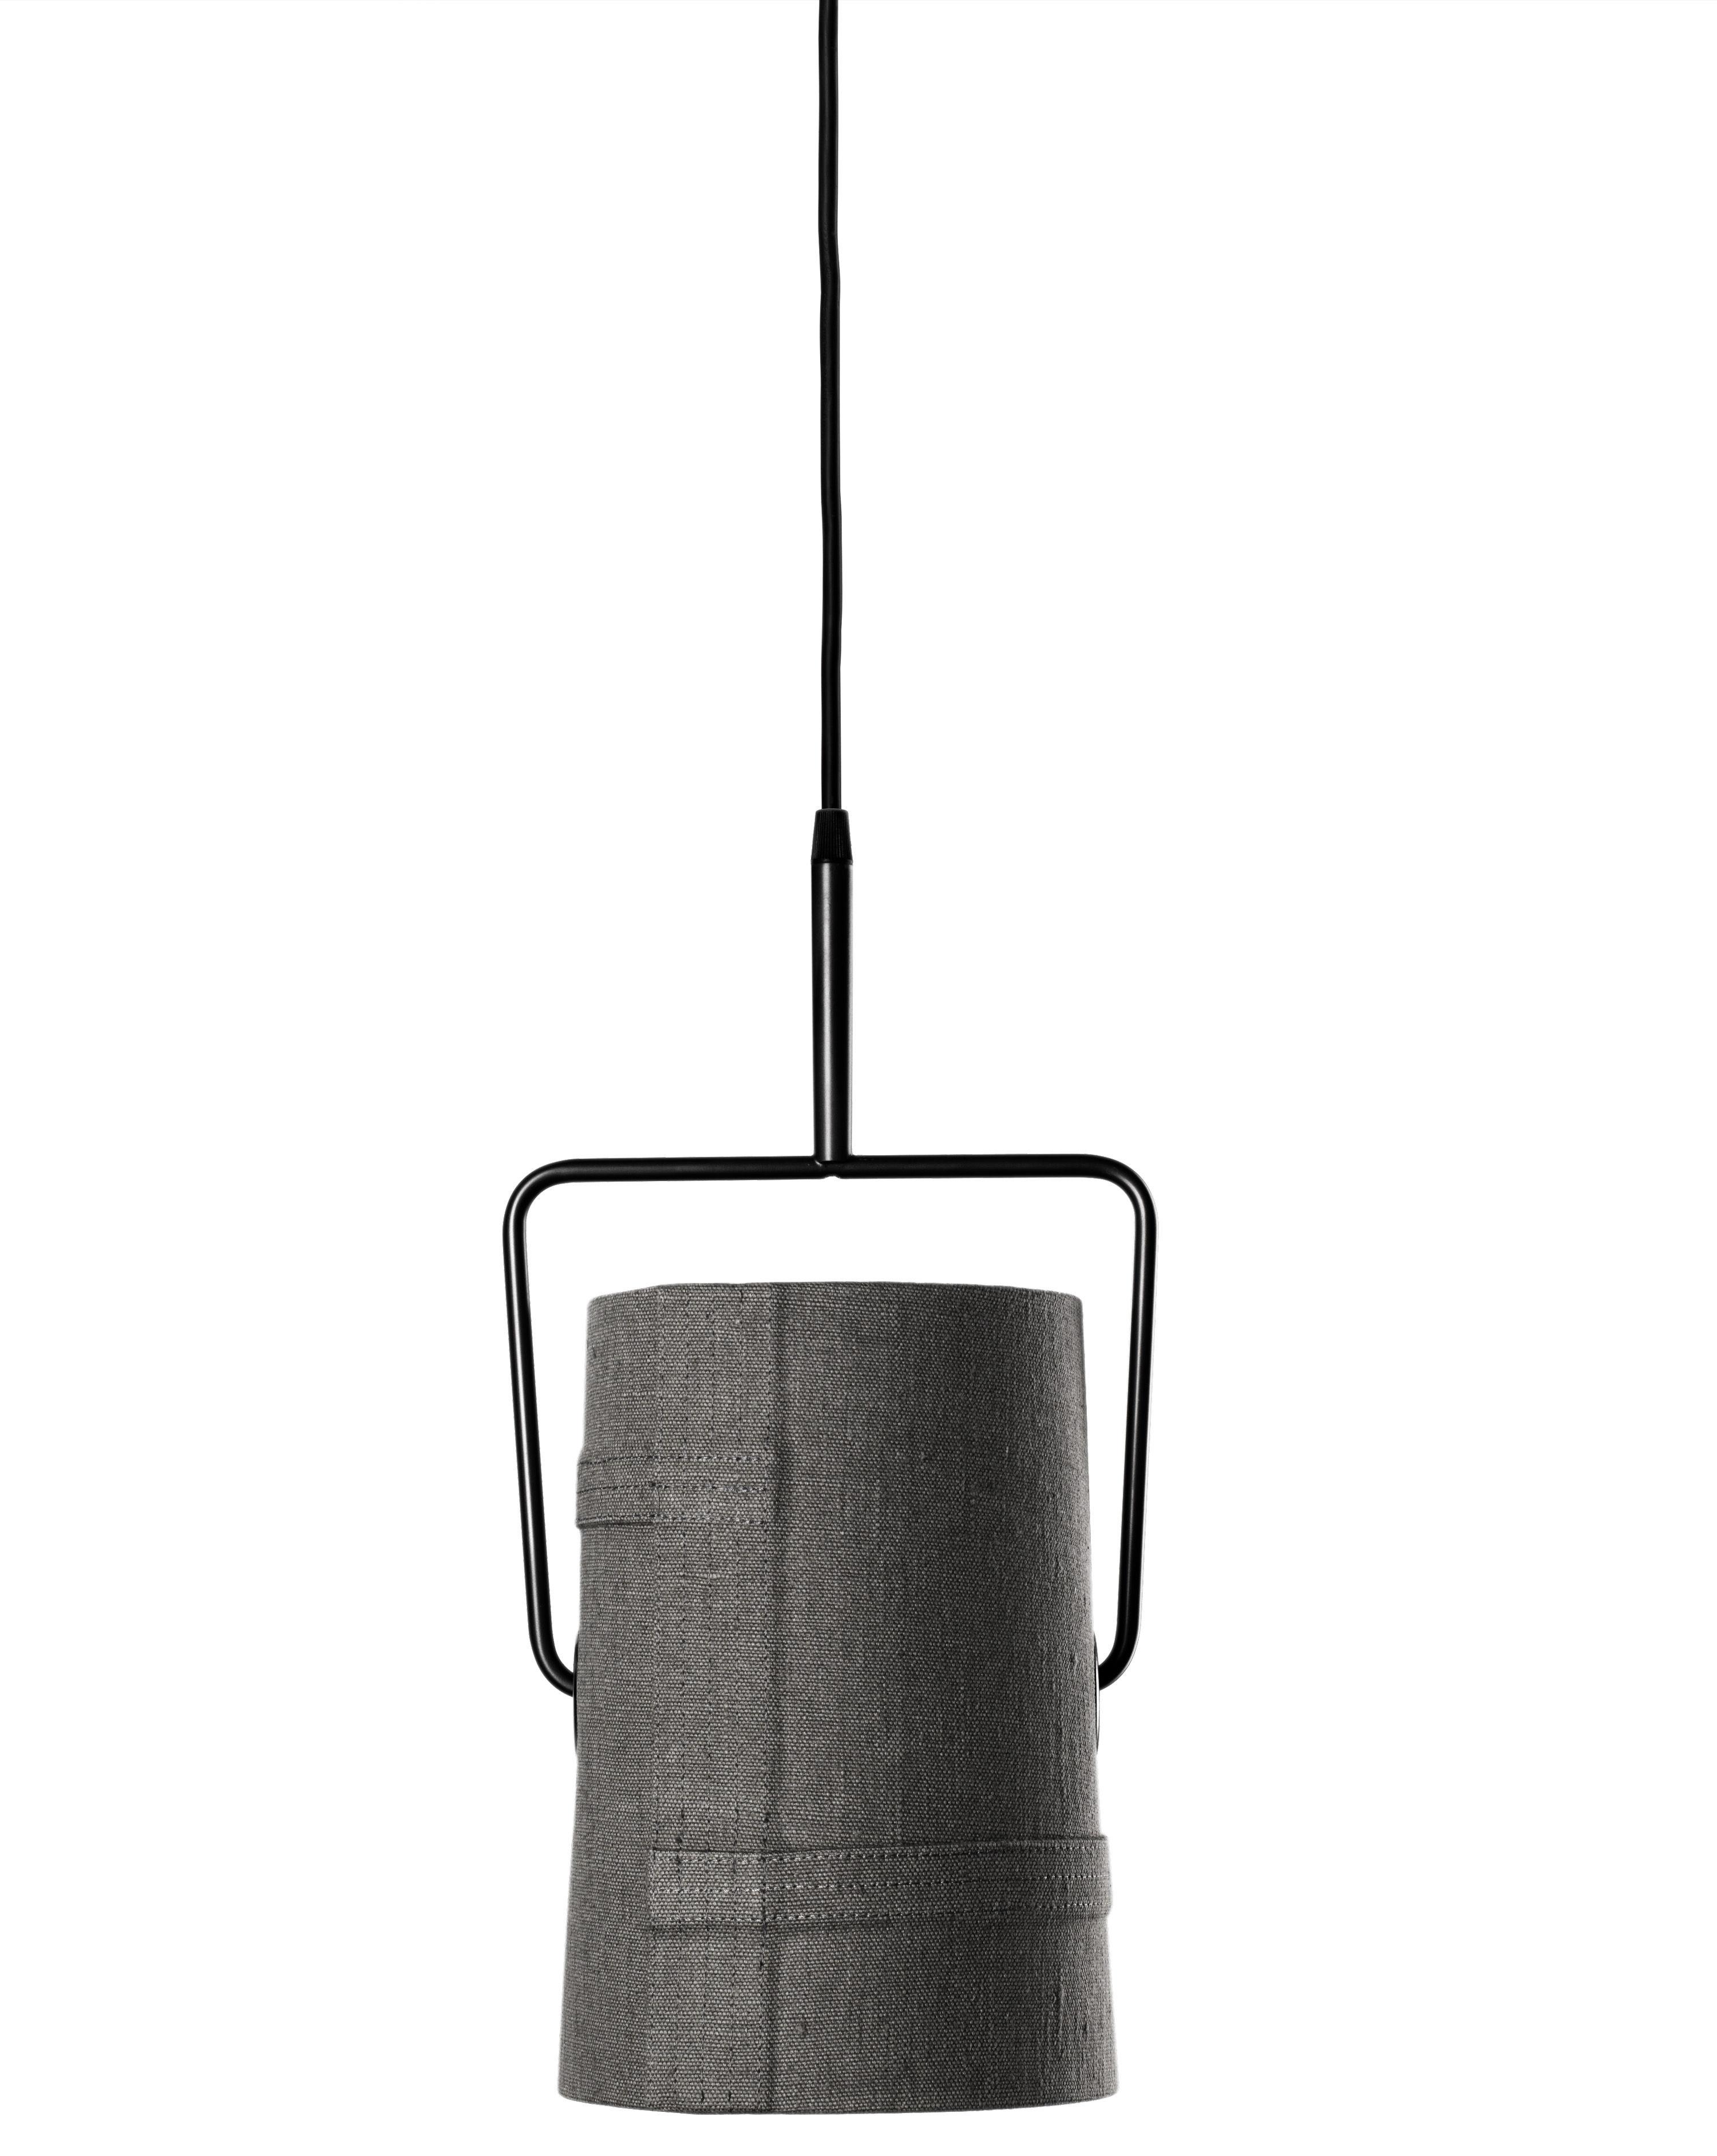 Leuchten - Pendelleuchten - Fork piccola Pendelleuchte - Diesel with Foscarini - Grau - Ø 22 cm x H 42 cm - eloxiertes Metall, Gewebe